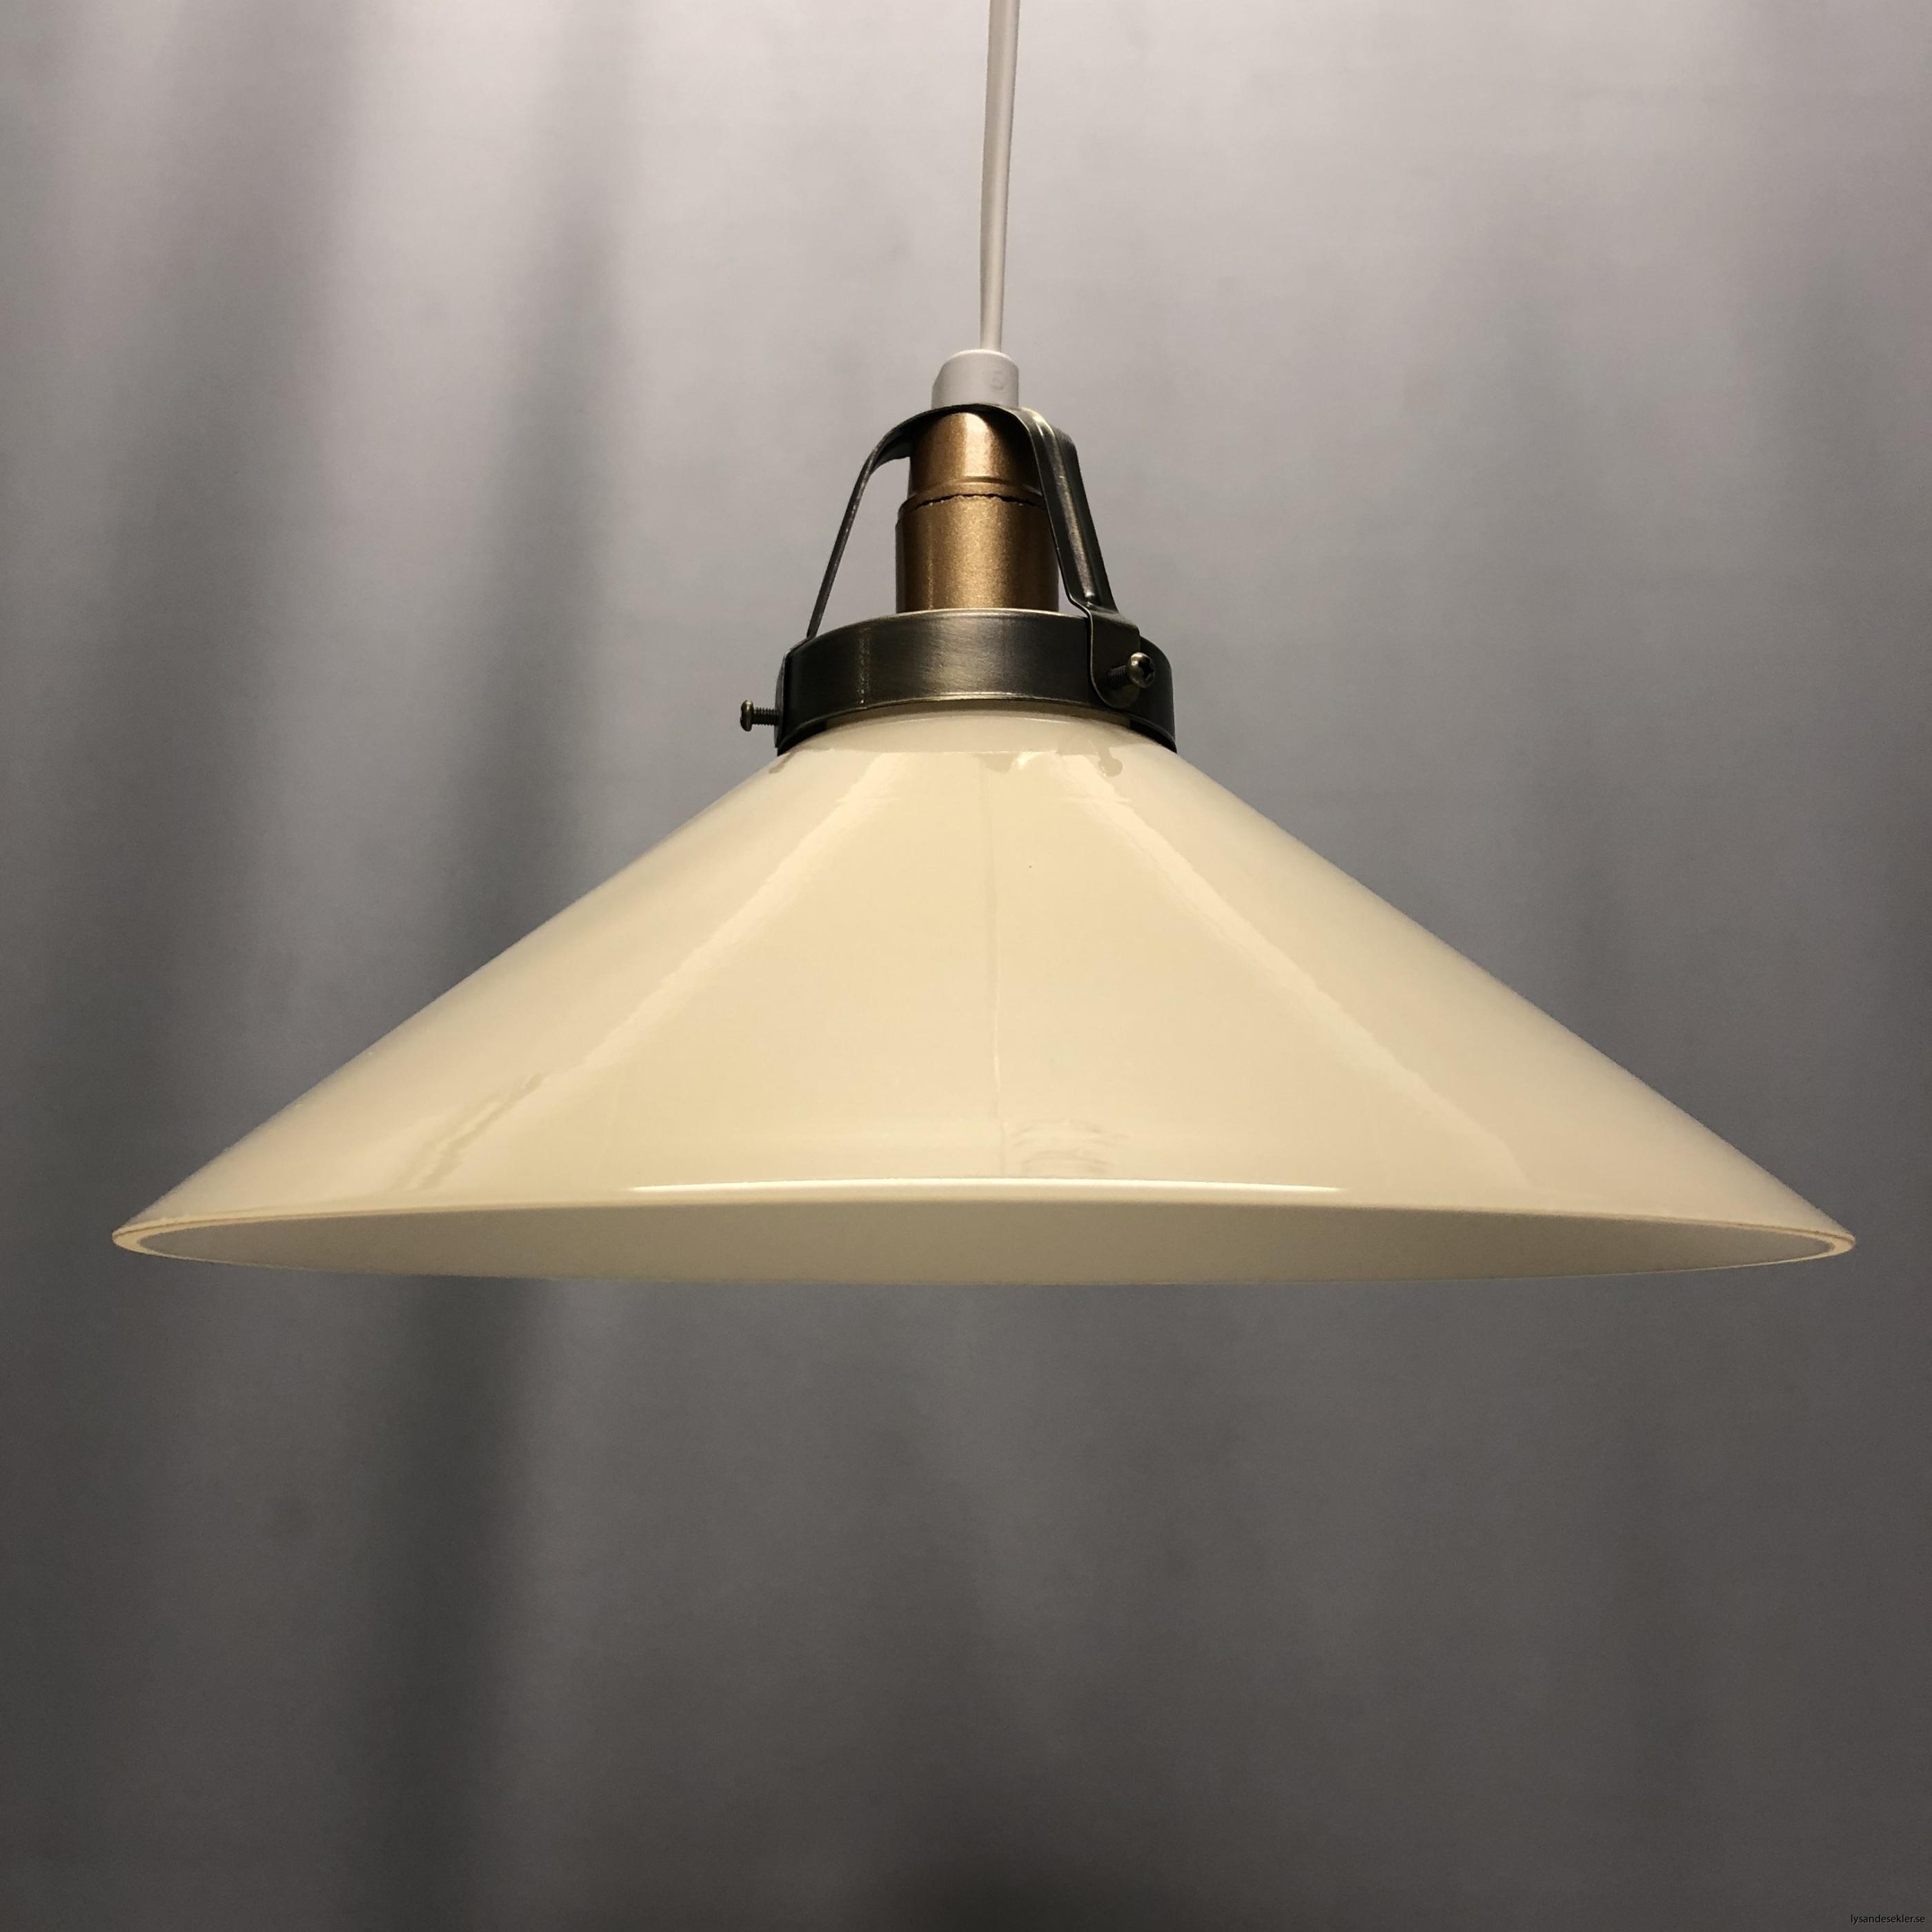 gul skomakarlampa skomakarelampa vanilj beige24